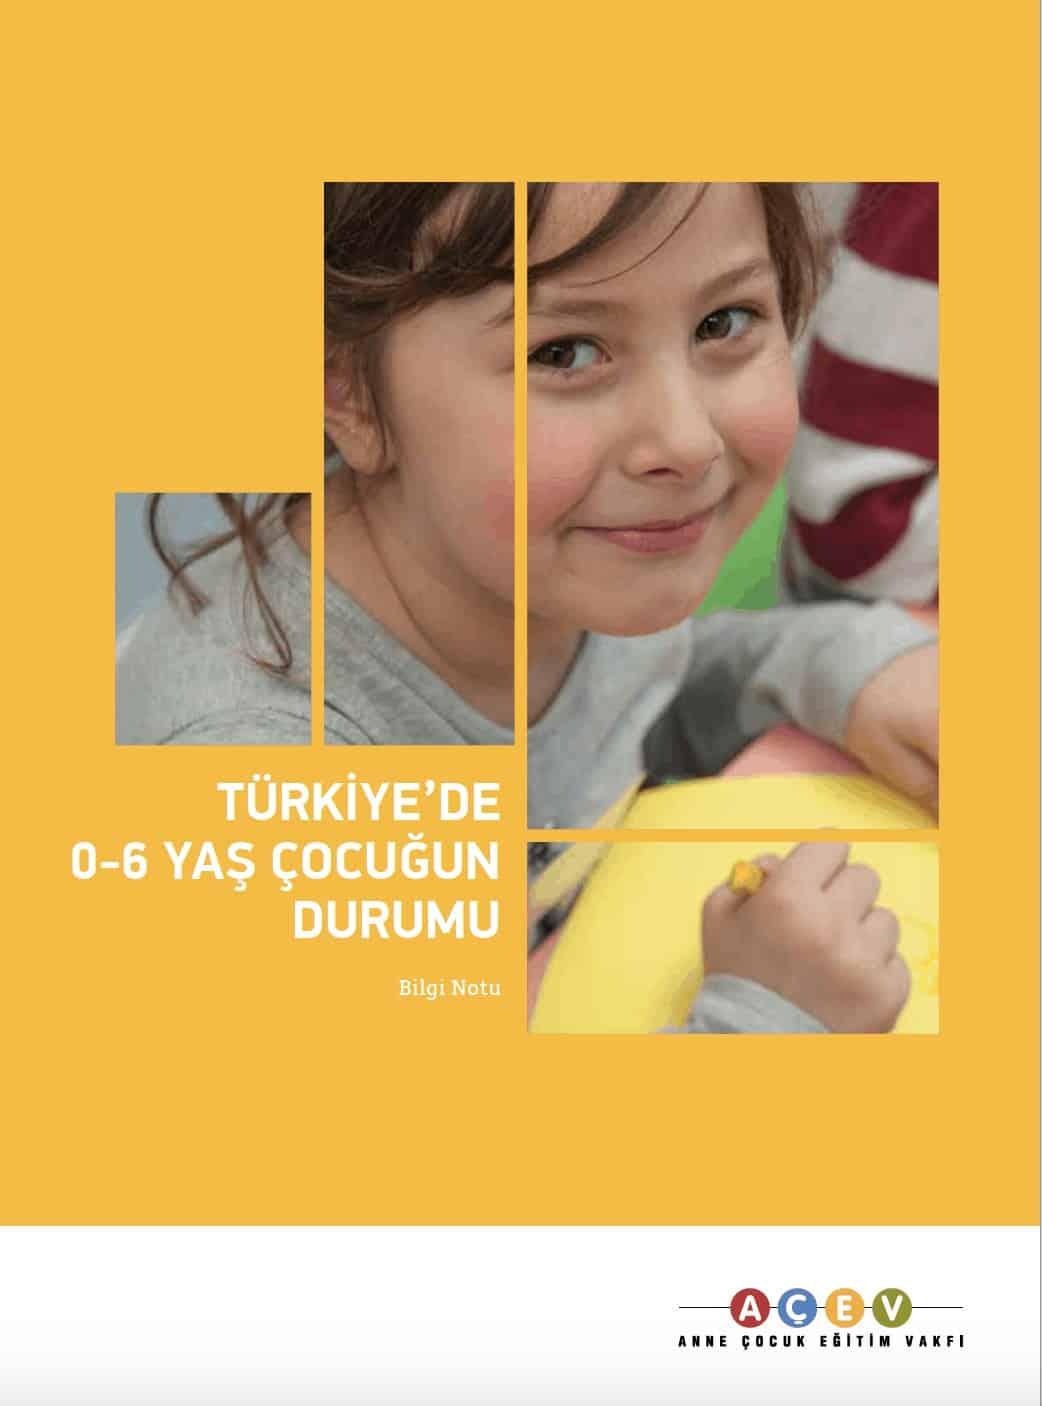 Türkiye'de 0-6 Yaş Arası Çocuğun Durumu